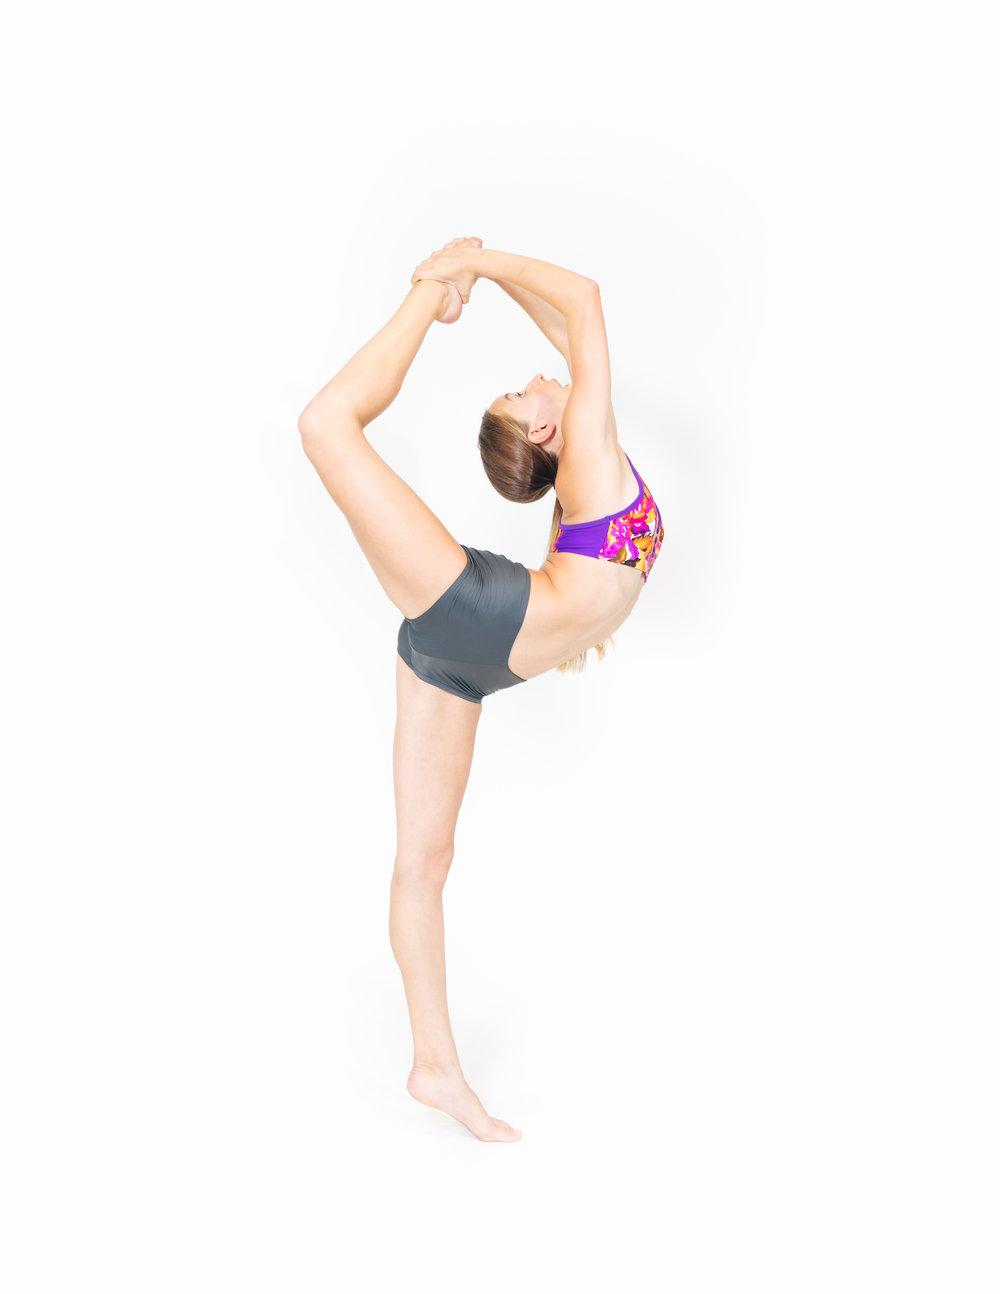 August 2017 Portland Dance Center Emma Devin 0G5A6458.jpg